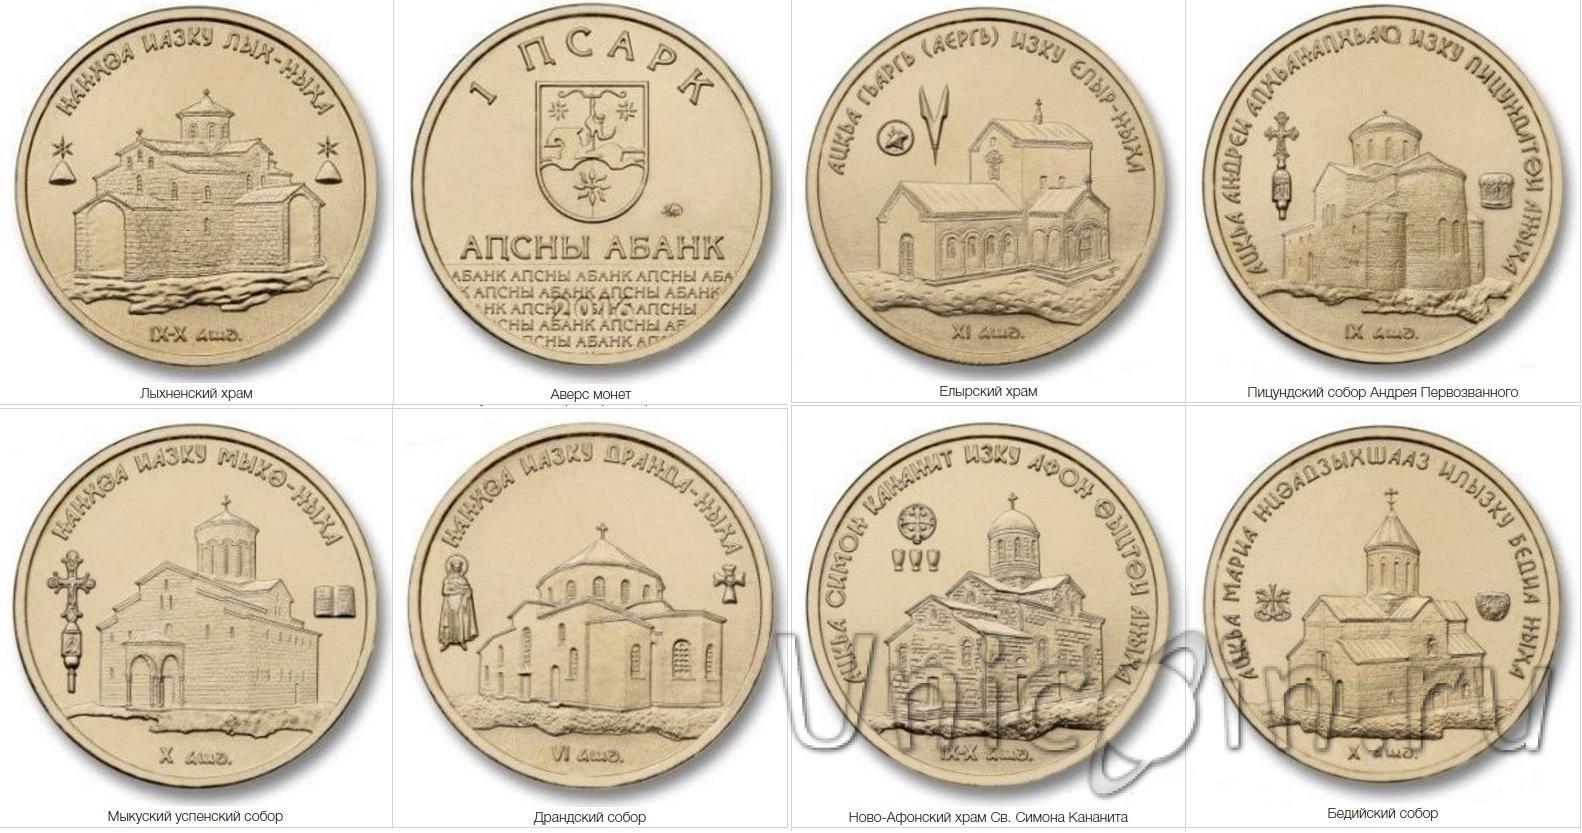 Монеты абхазии каталог 2016 знак 50 лет вчк кгб цена